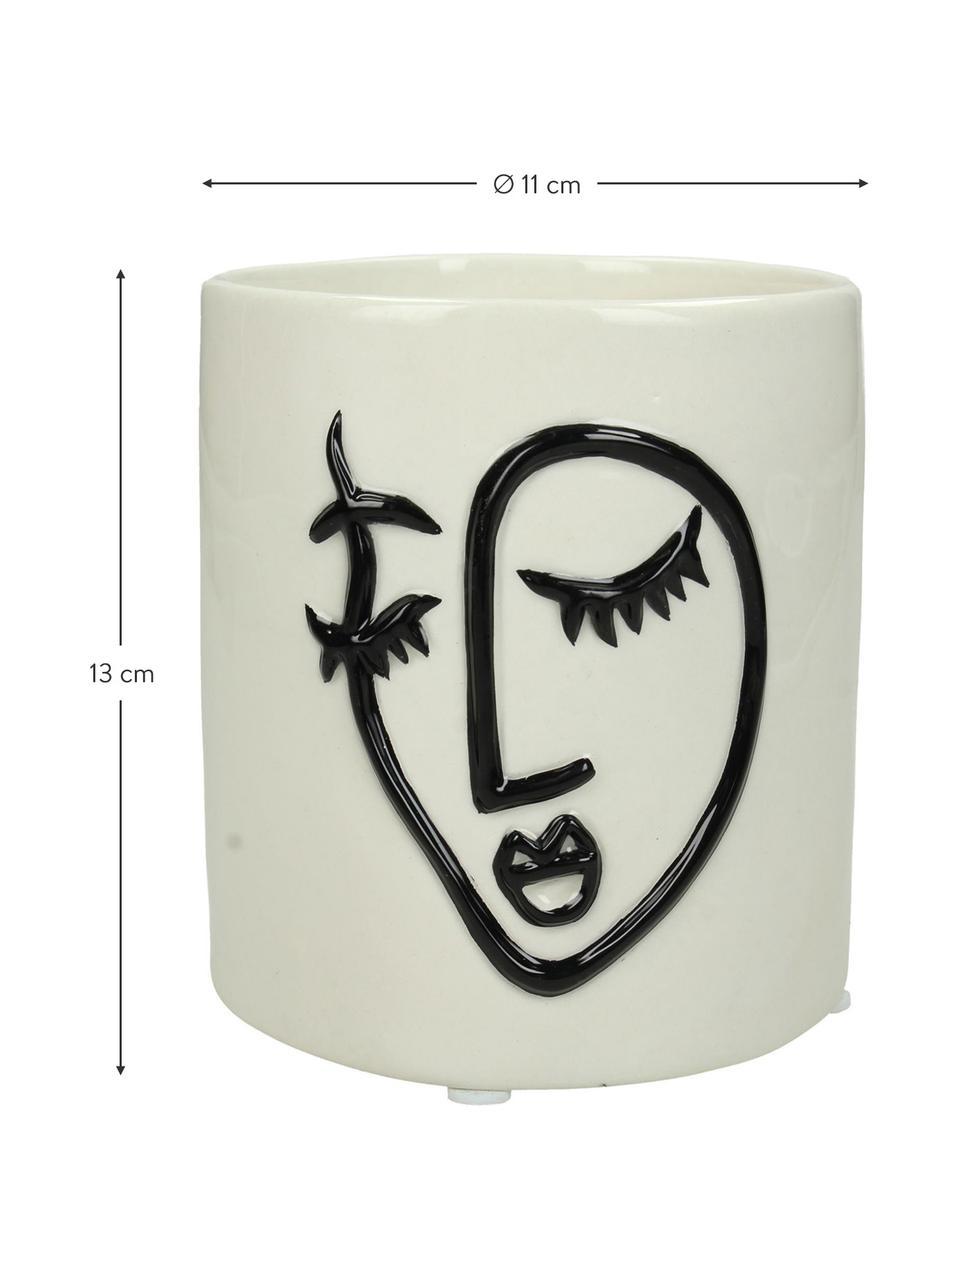 XS Übertopf Face aus Dolomitstein, Dolomit, Gebrochenes Weiß, Schwarz, Ø 11 x H 13 cm